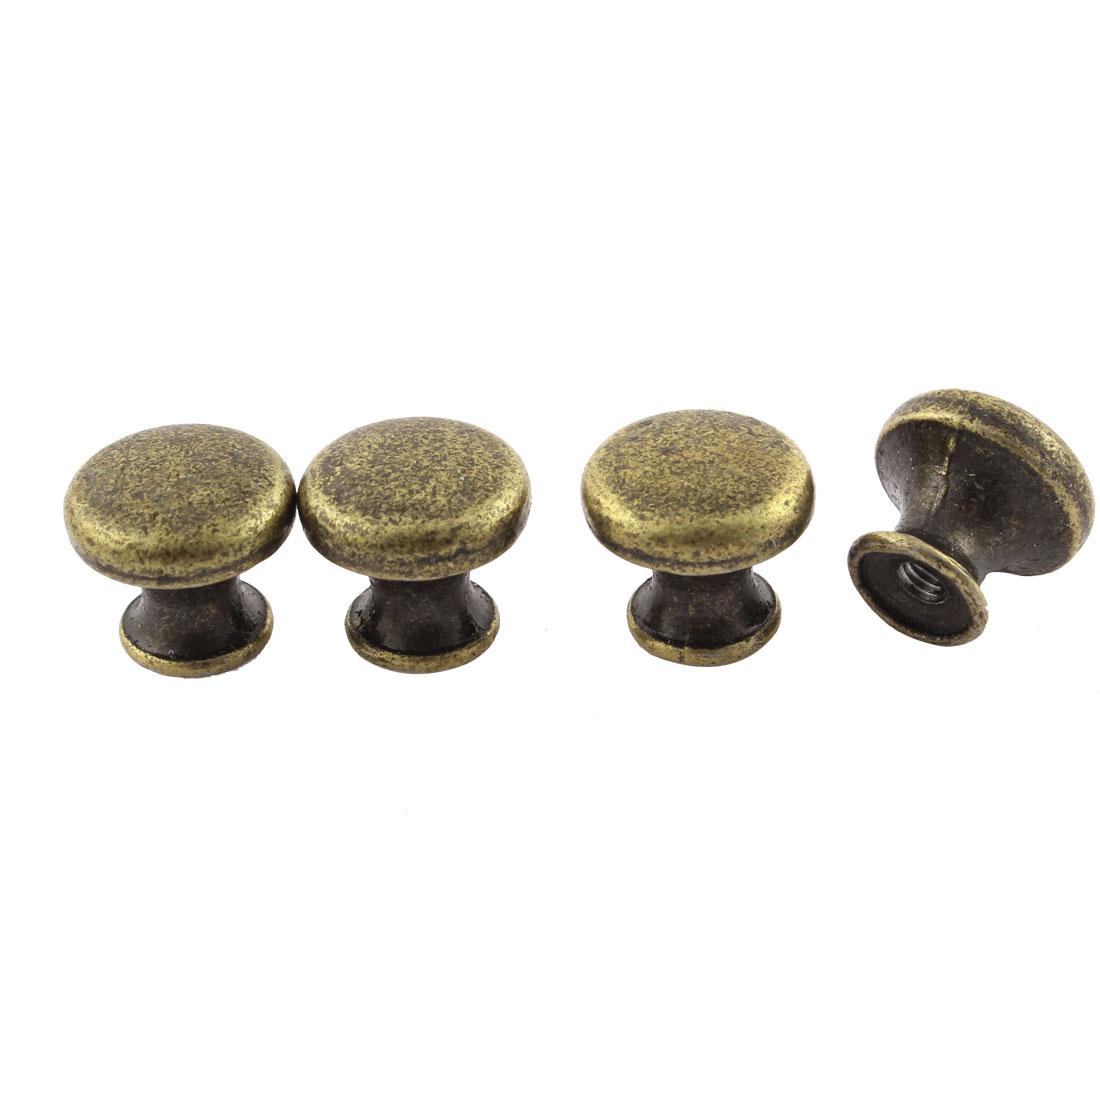 4Pcs Cabinet Door Metal Single Hole Pull Handles Bronze Tone 14mm Height